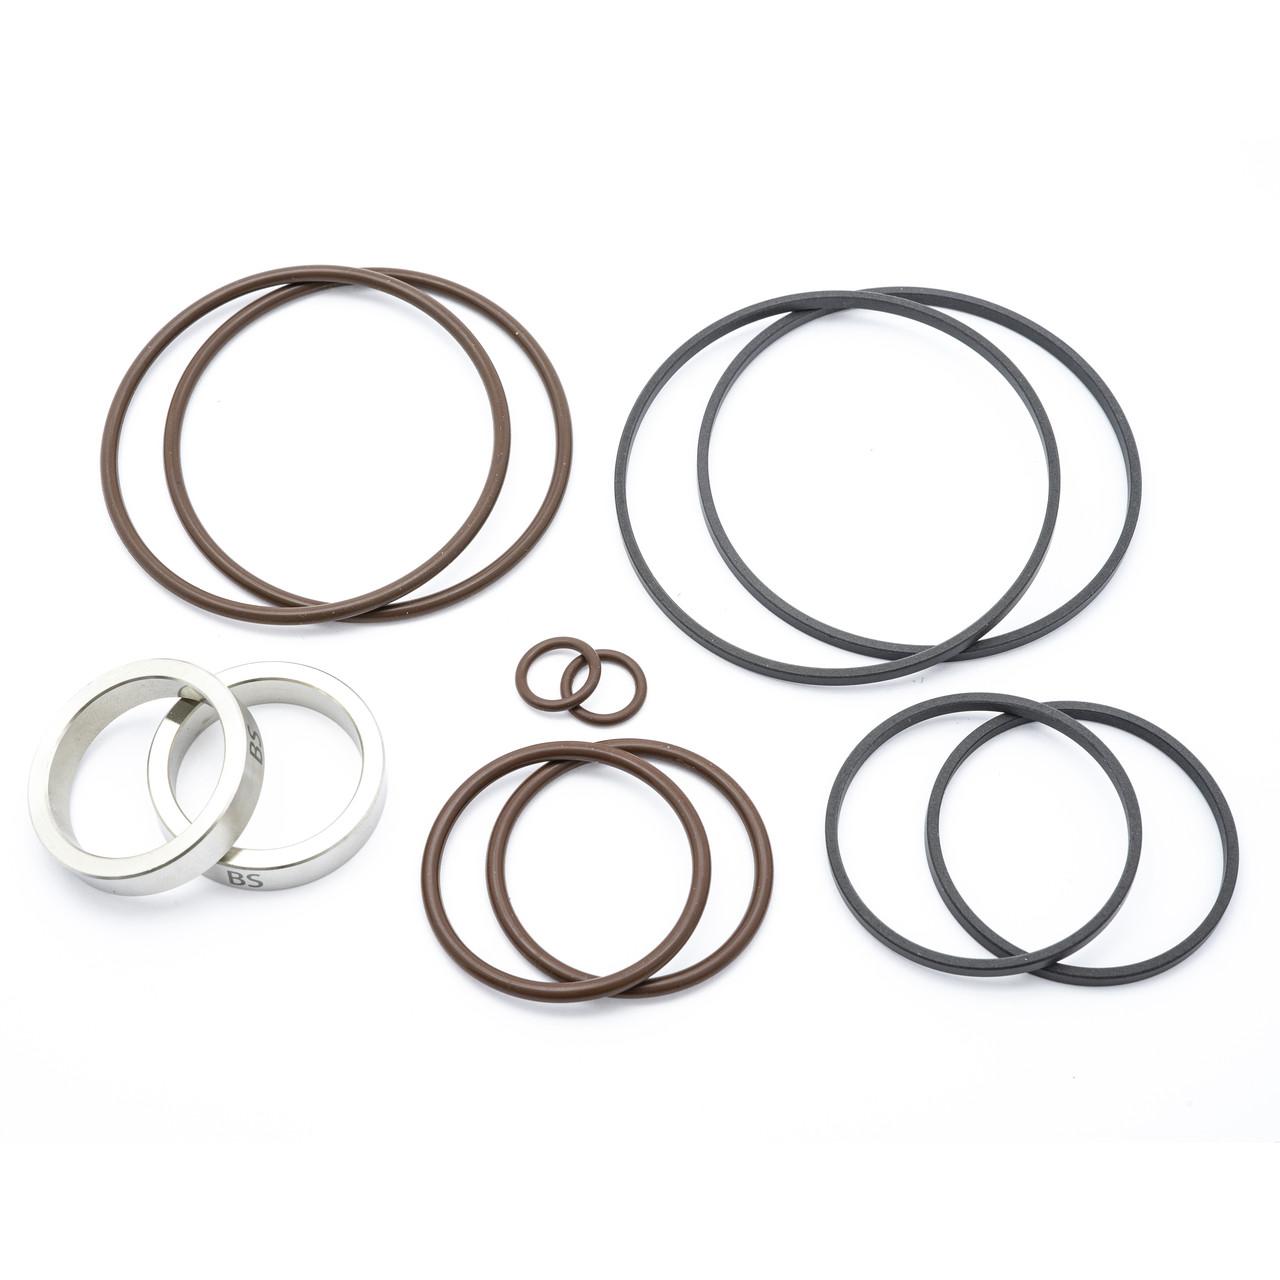 Ремкомплект с кольцами двойного Vanos (Double Vanos) BMW M52TU, M54, M56 11361440142